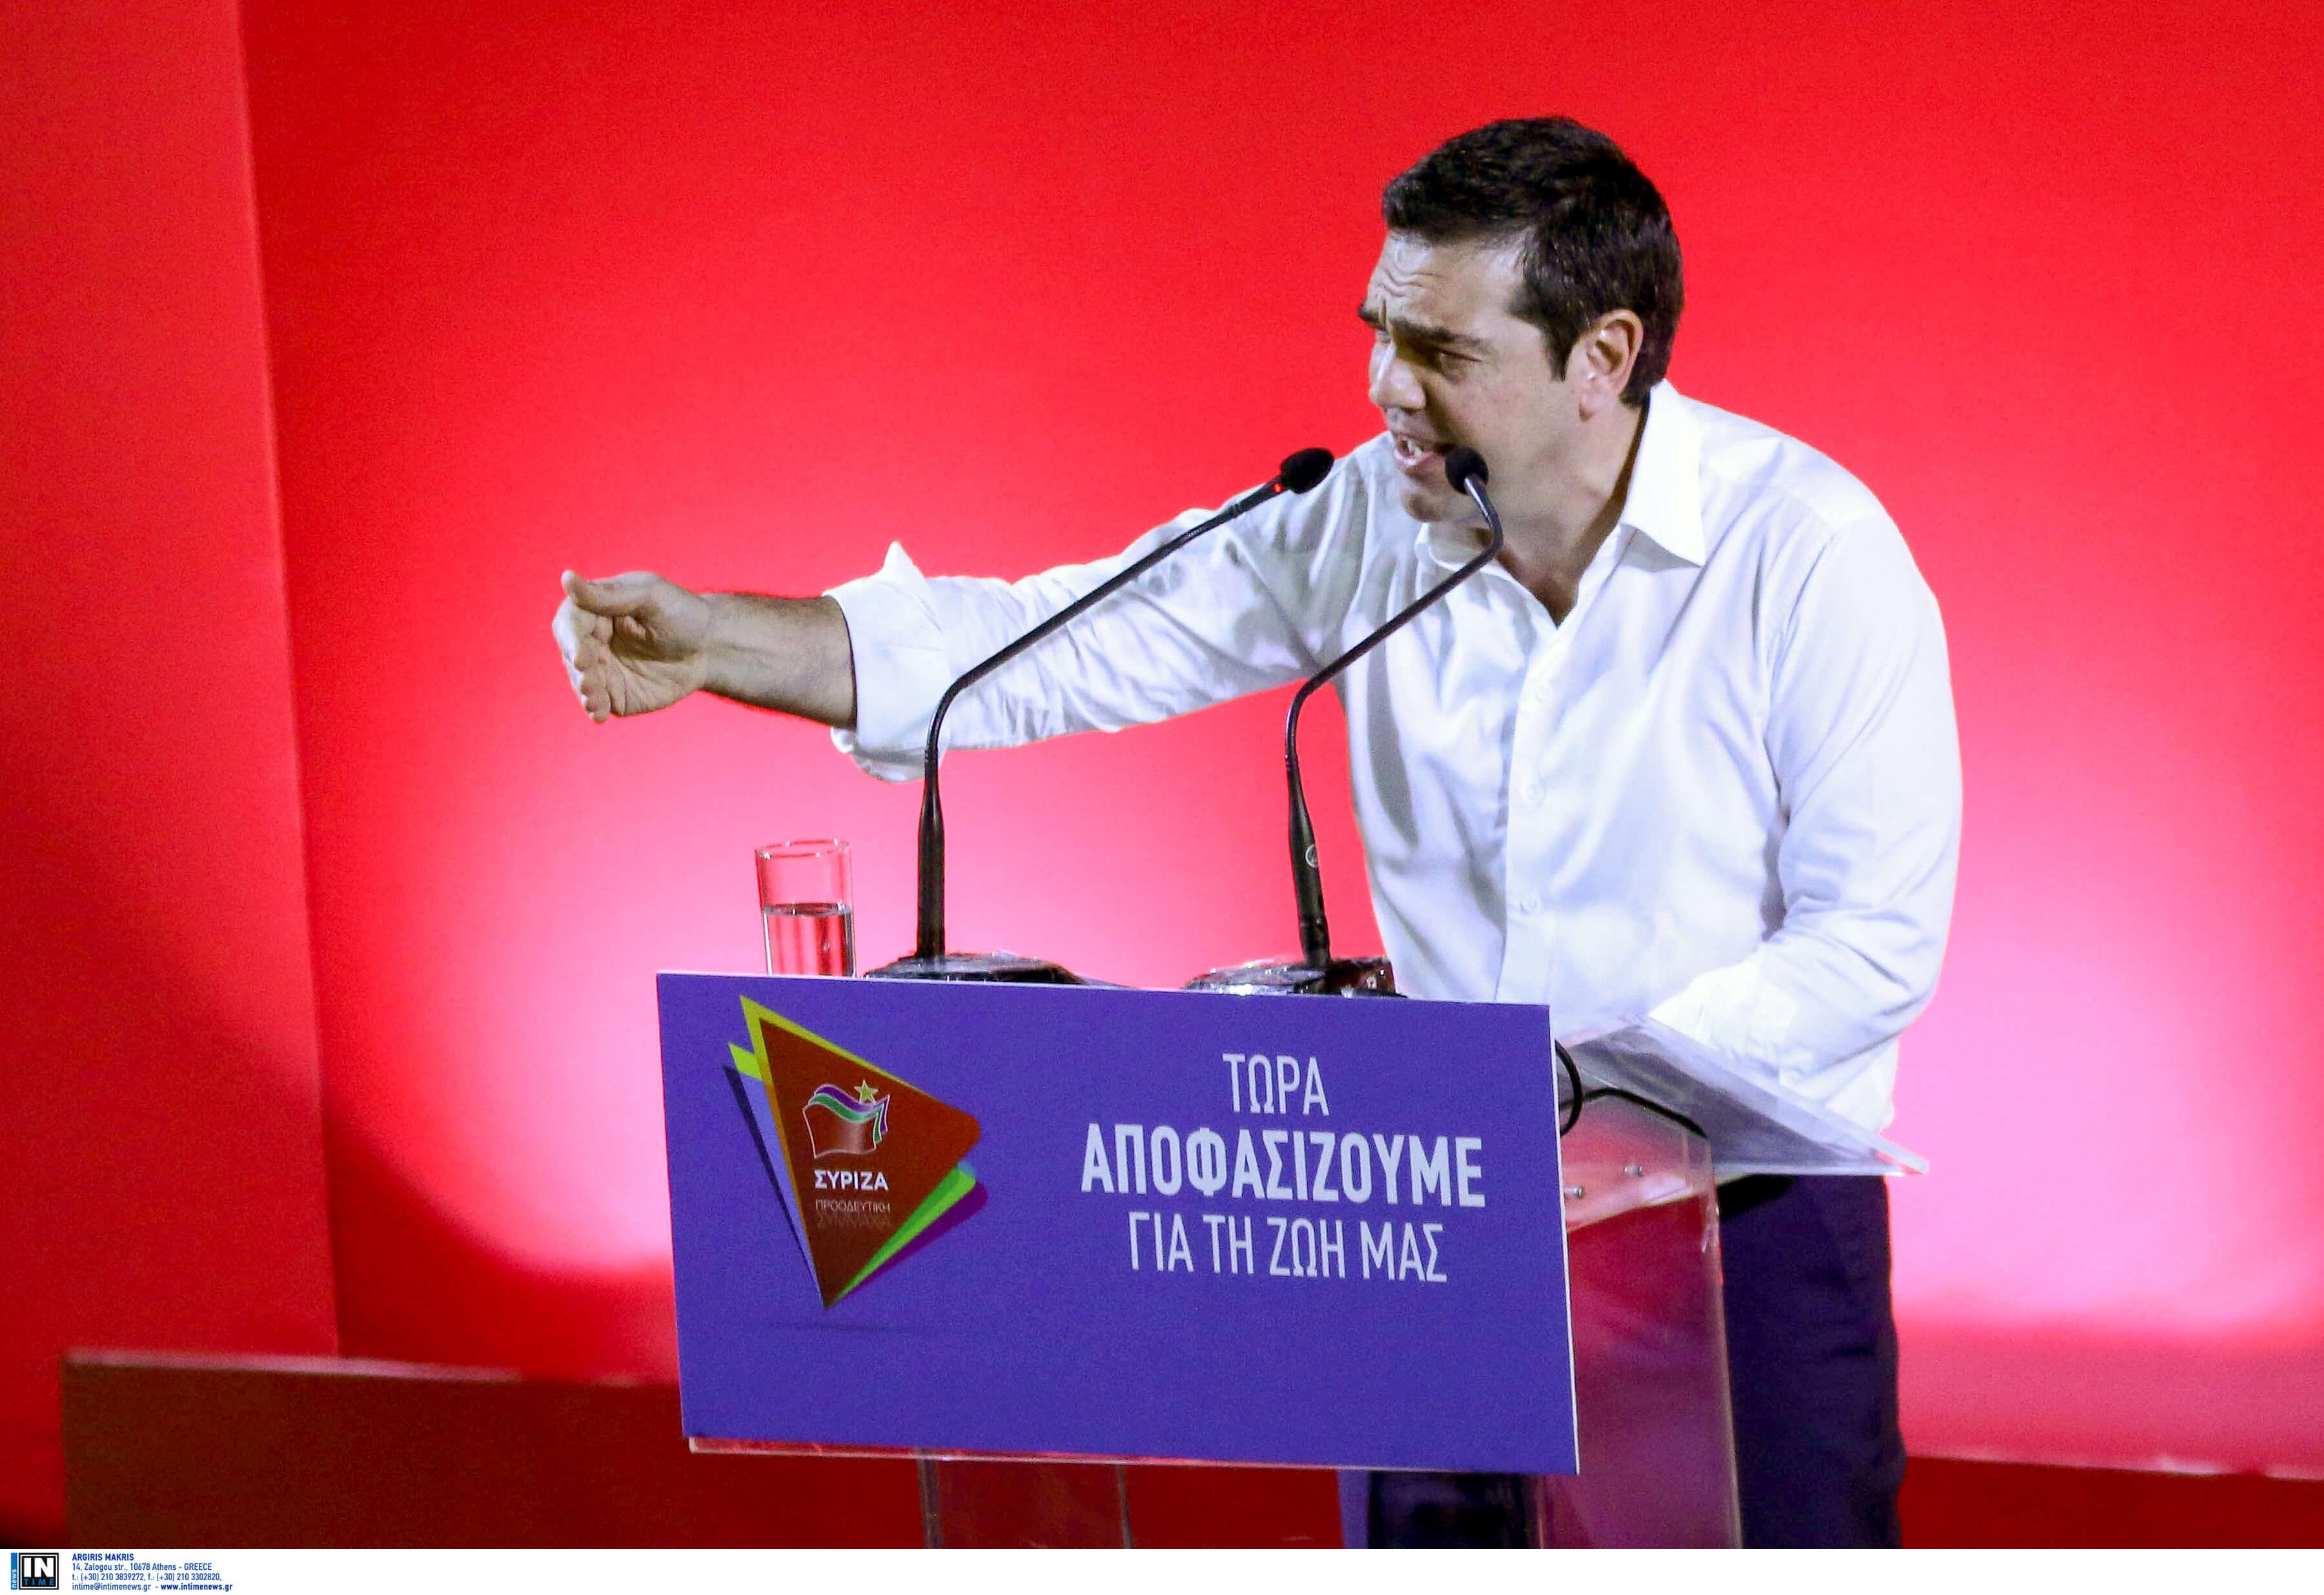 """Γεμάτη """"καρφιά"""" η ομιλία Τσίπρα στην Πάτρα! ΣΚΑΪ, Μητσοτάκης, Δεξιά! video"""